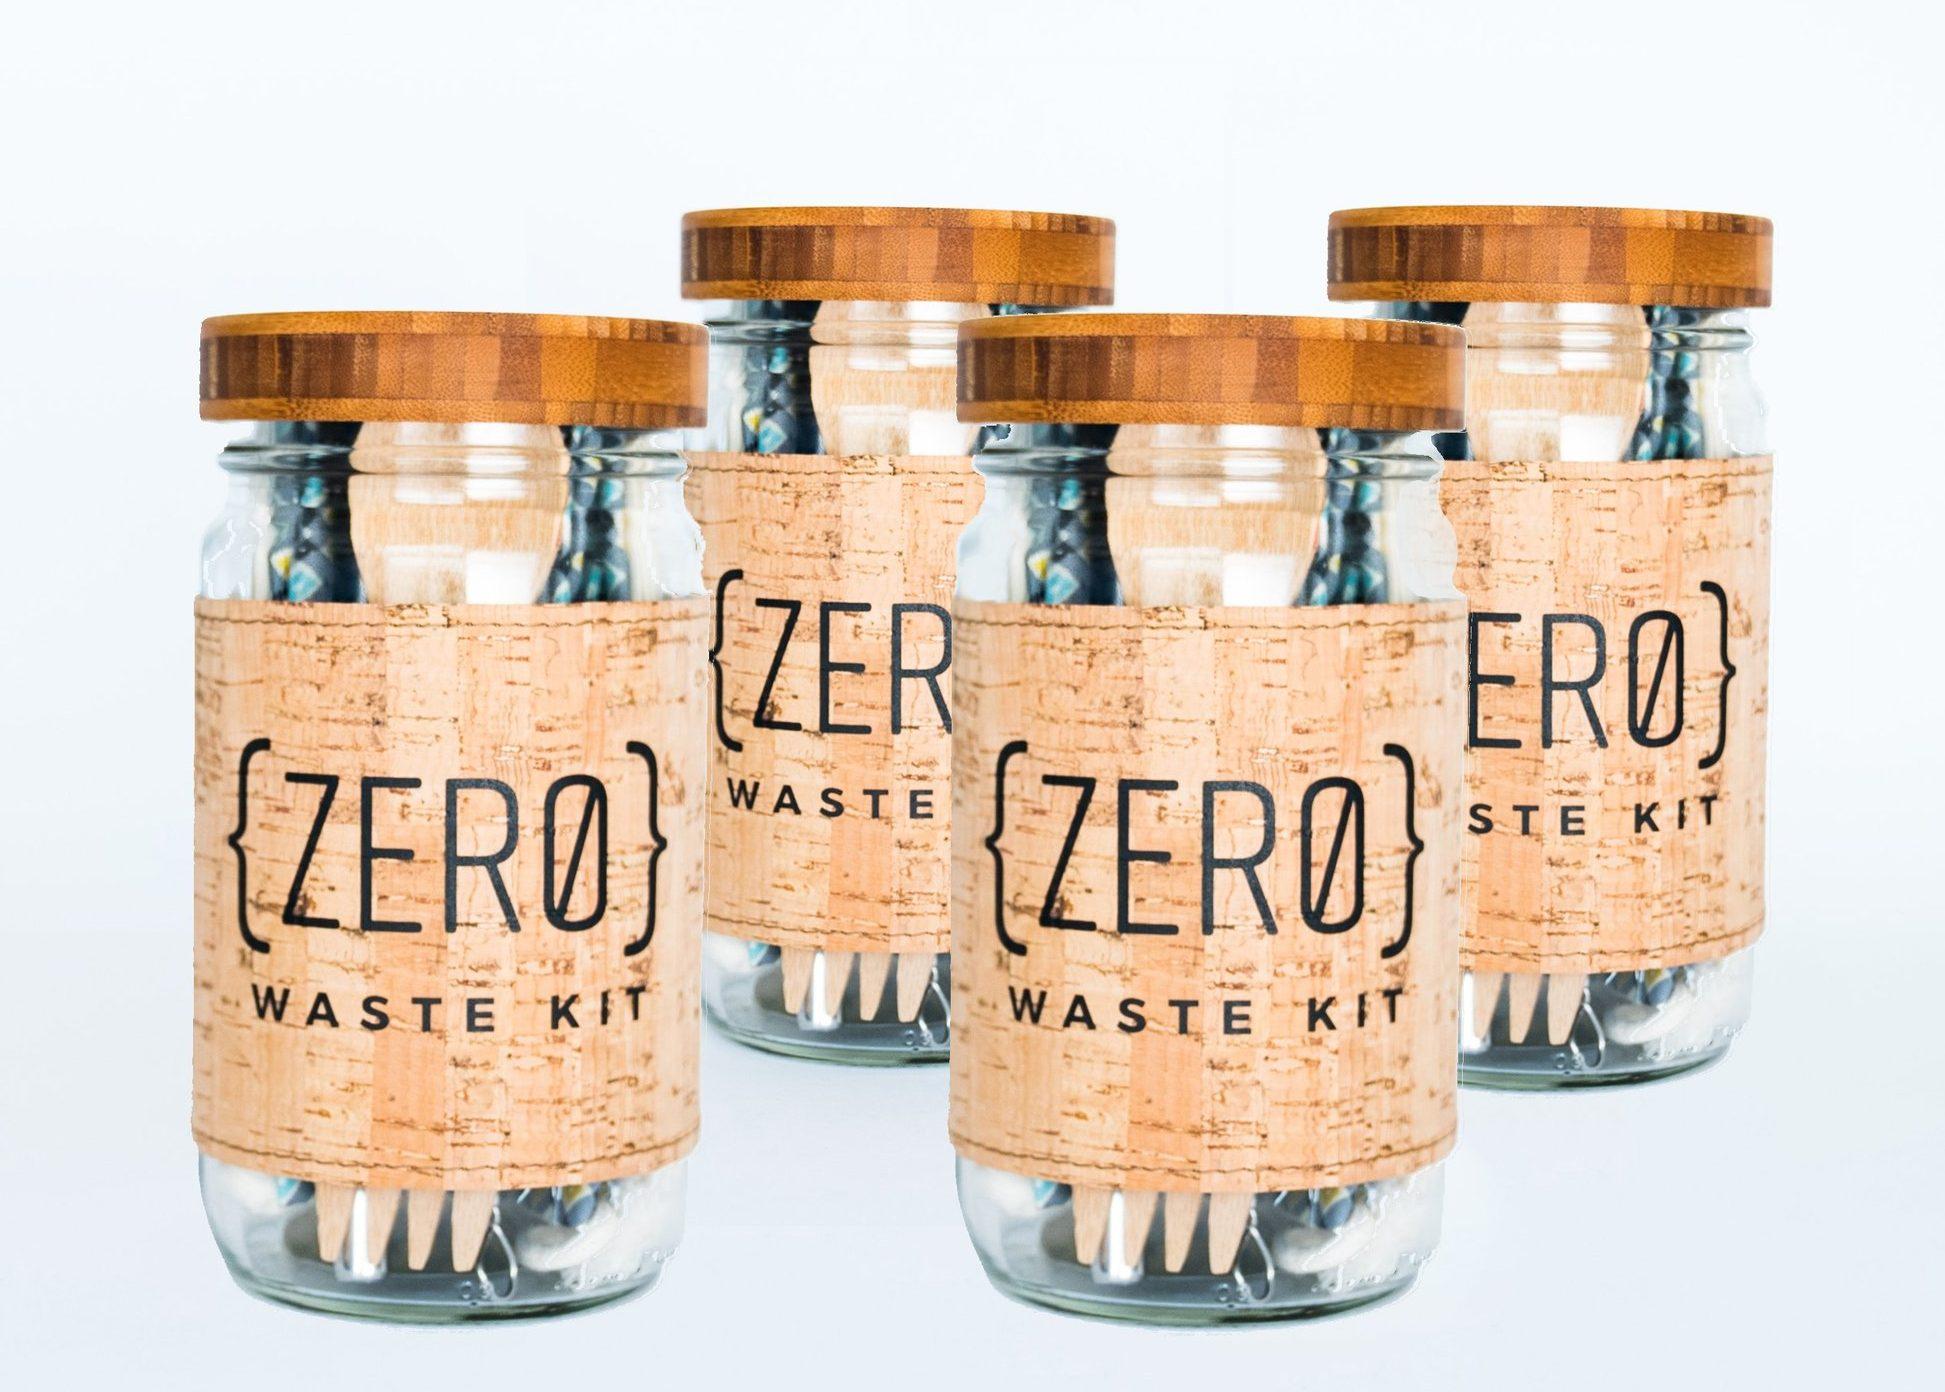 Müll vermeiden soll einfach und hip sein. (Foto: Zero Waste Kit)